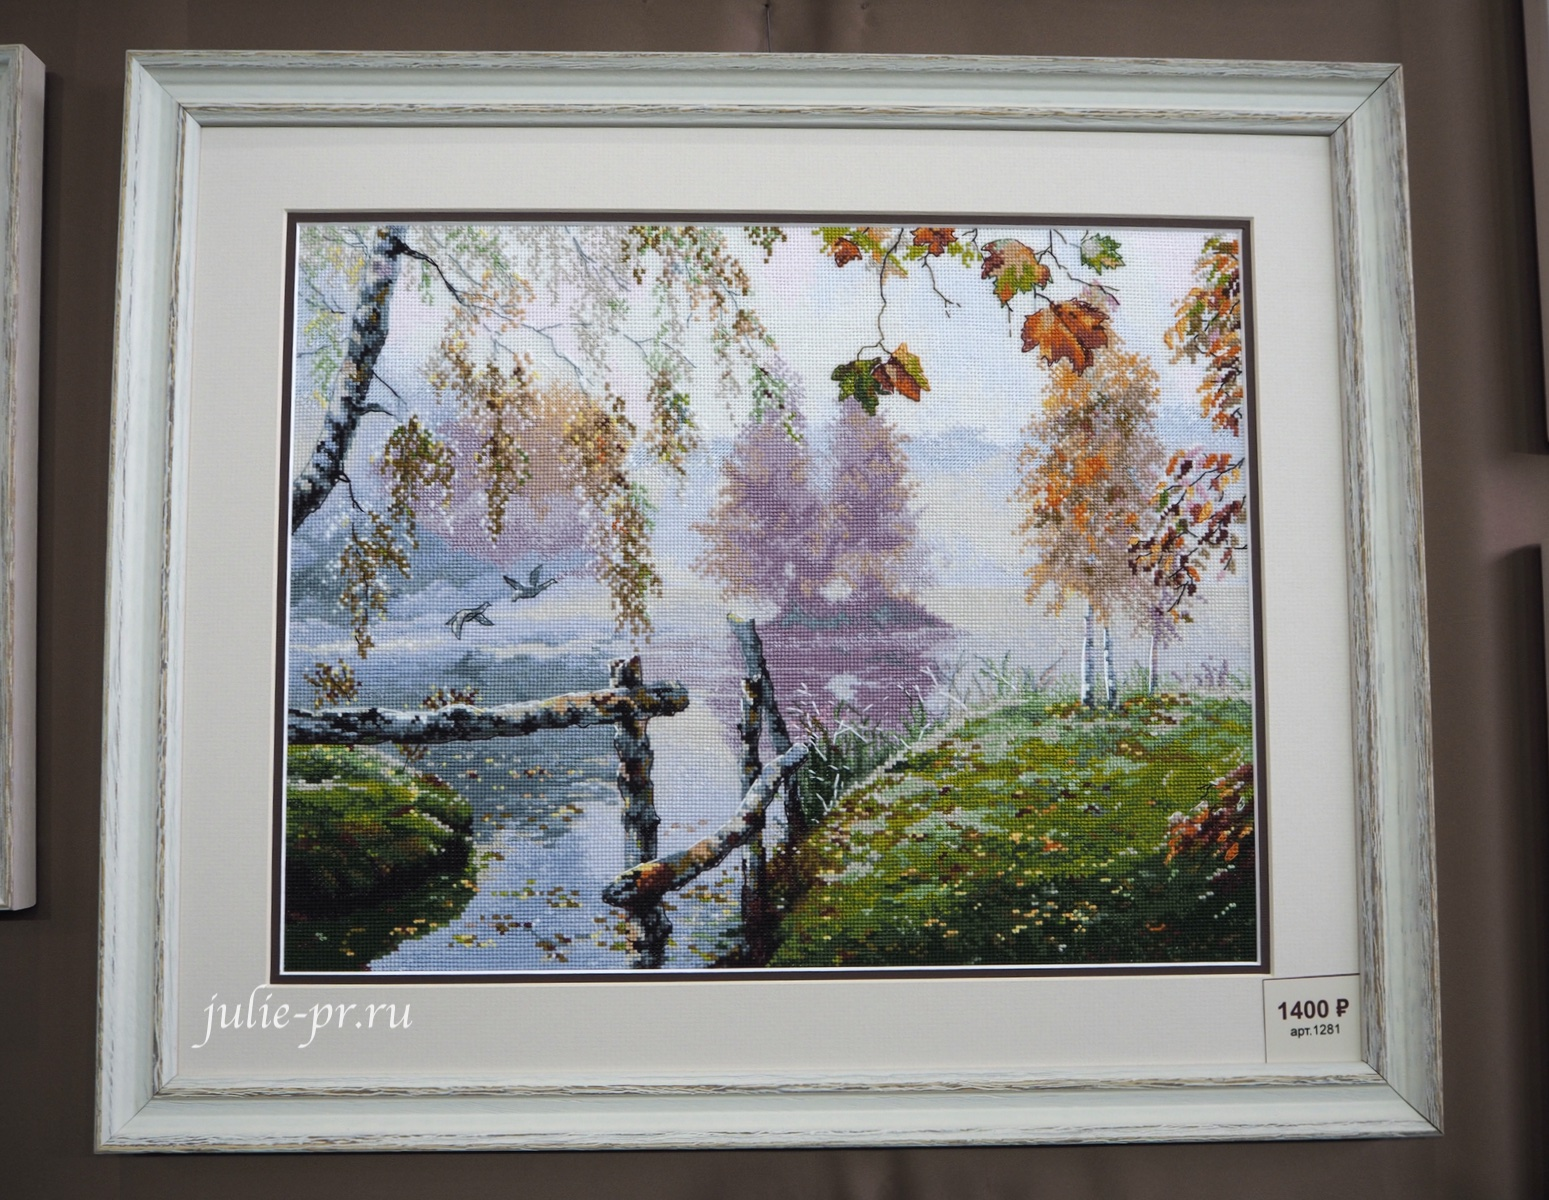 Овен, вышивка крестом, пейзажи, осень